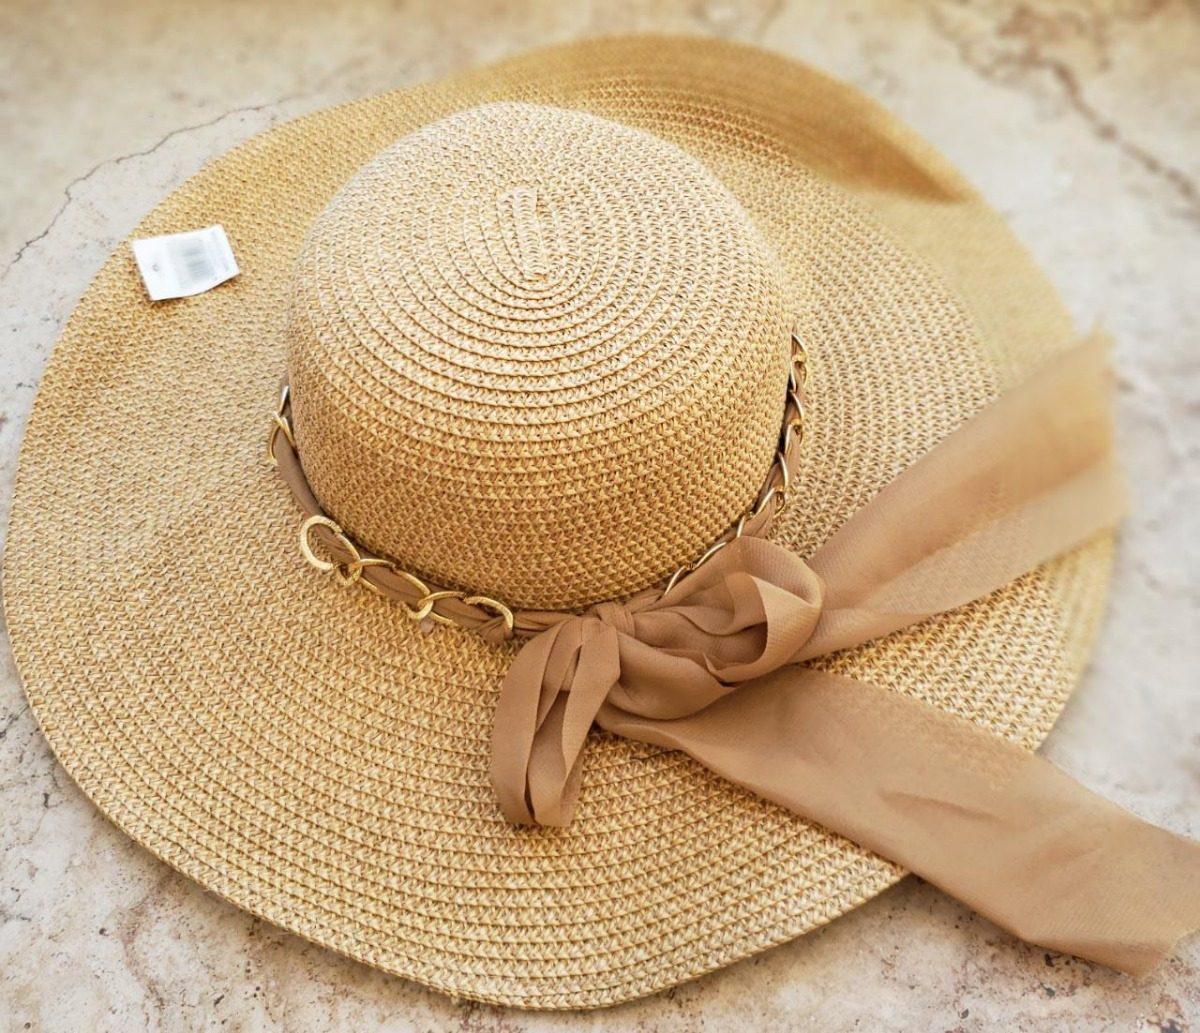 b0499397d4 chapéu de palha praia feminino. Carregando zoom.